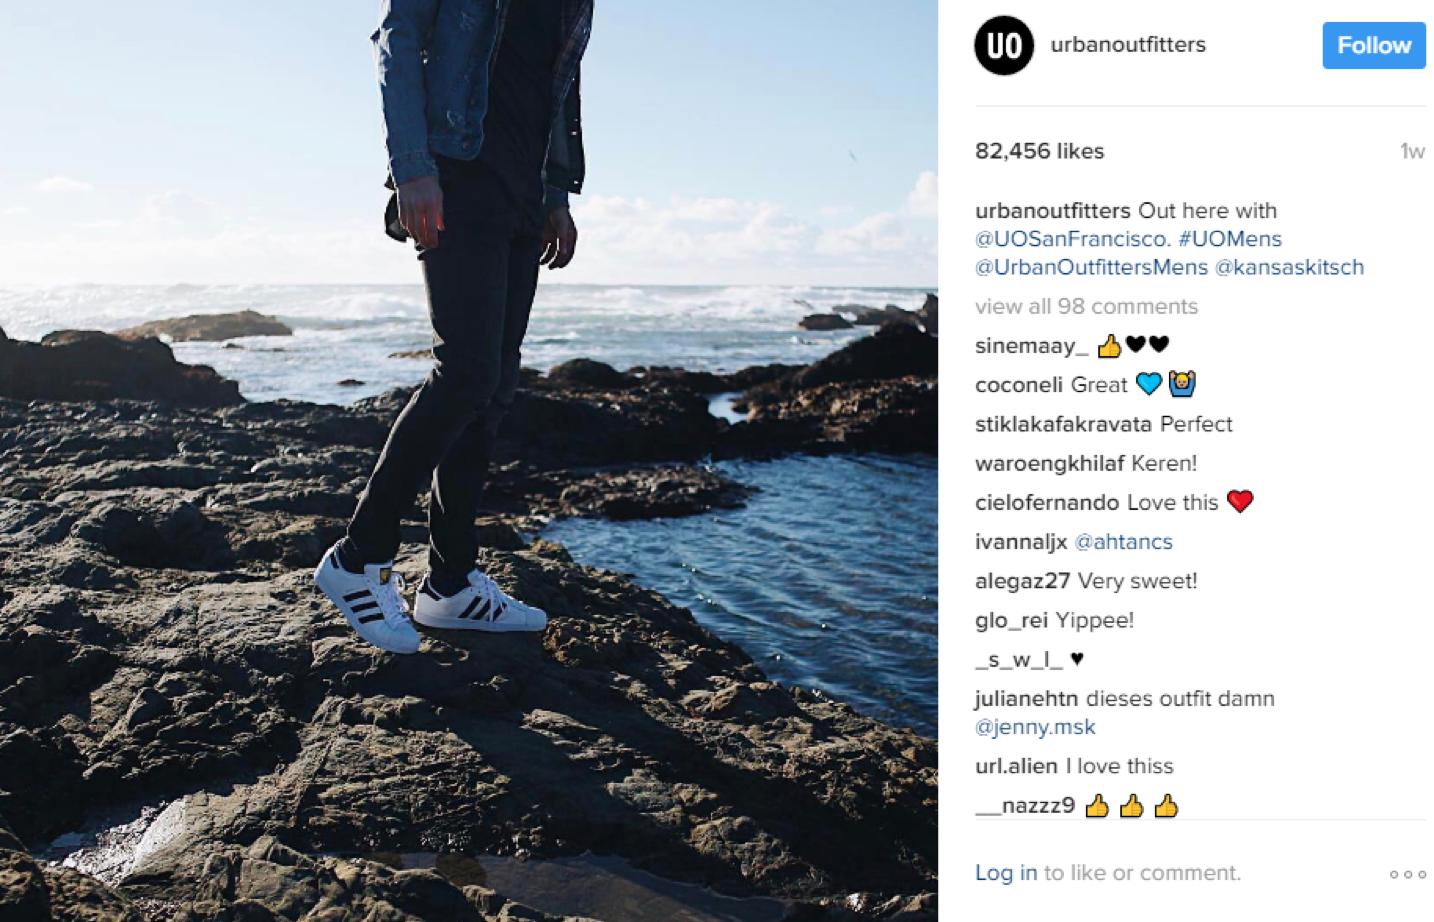 Urban Outfitters' Instagram fan post.